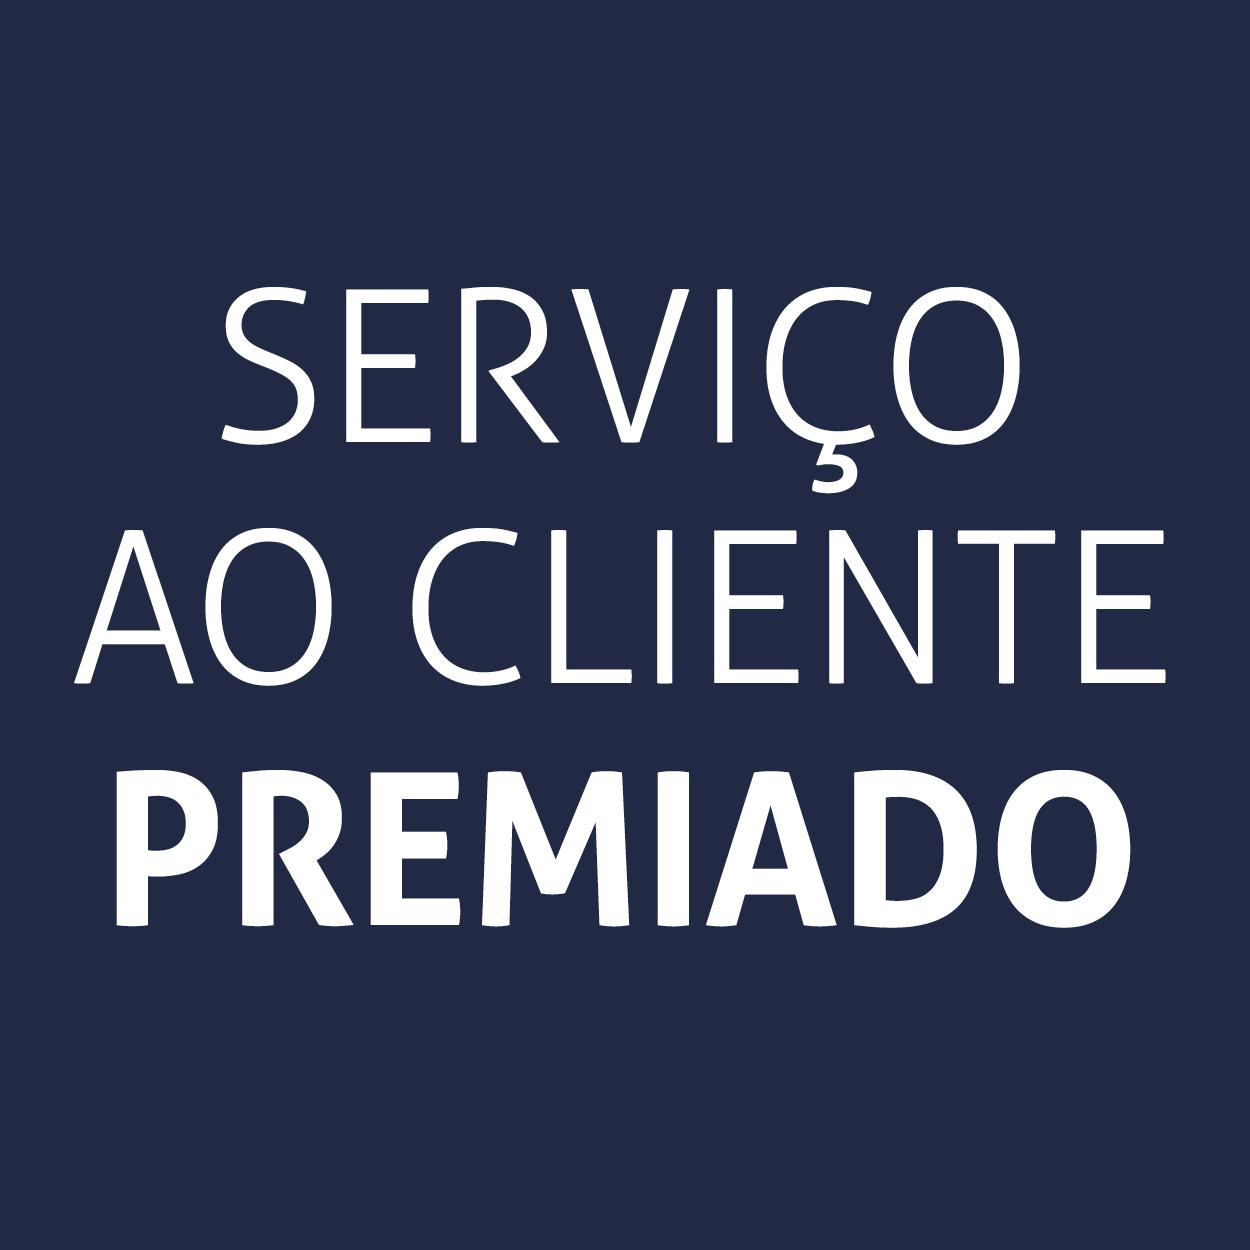 Serviço ao cliente premiado